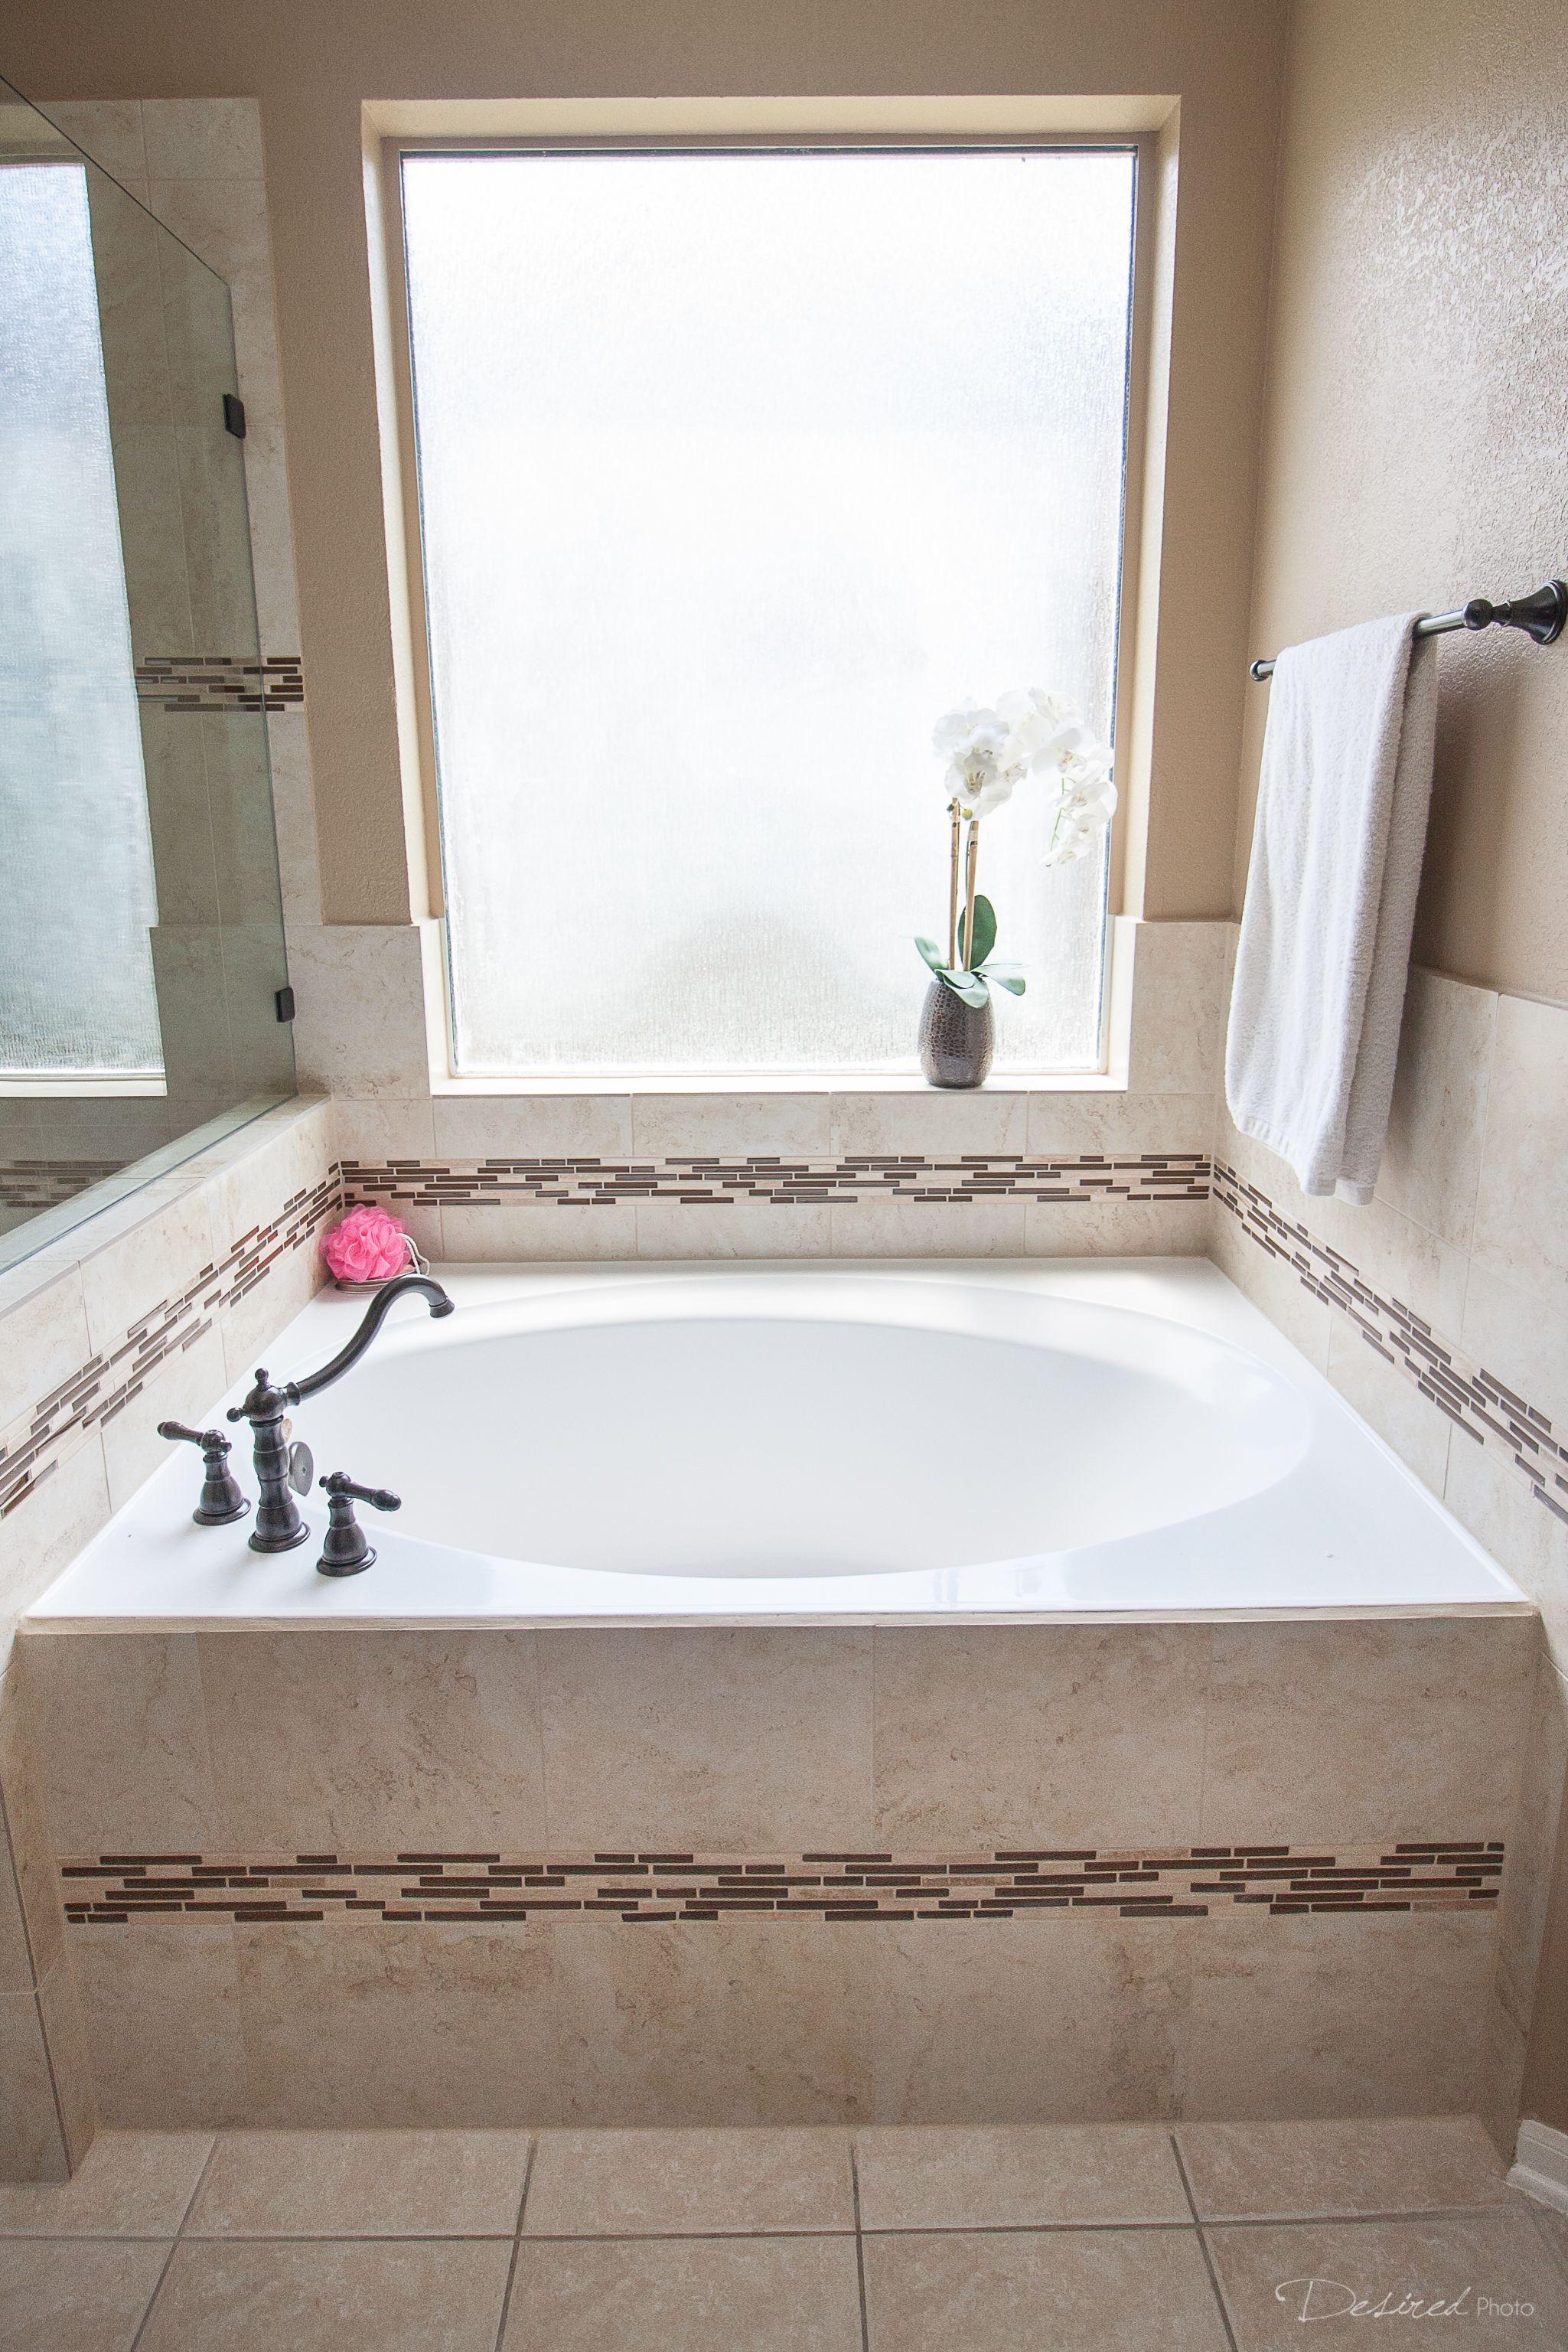 Pin by Lisa Forrest on Bathrooms | Pinterest | Porcelain tile ...